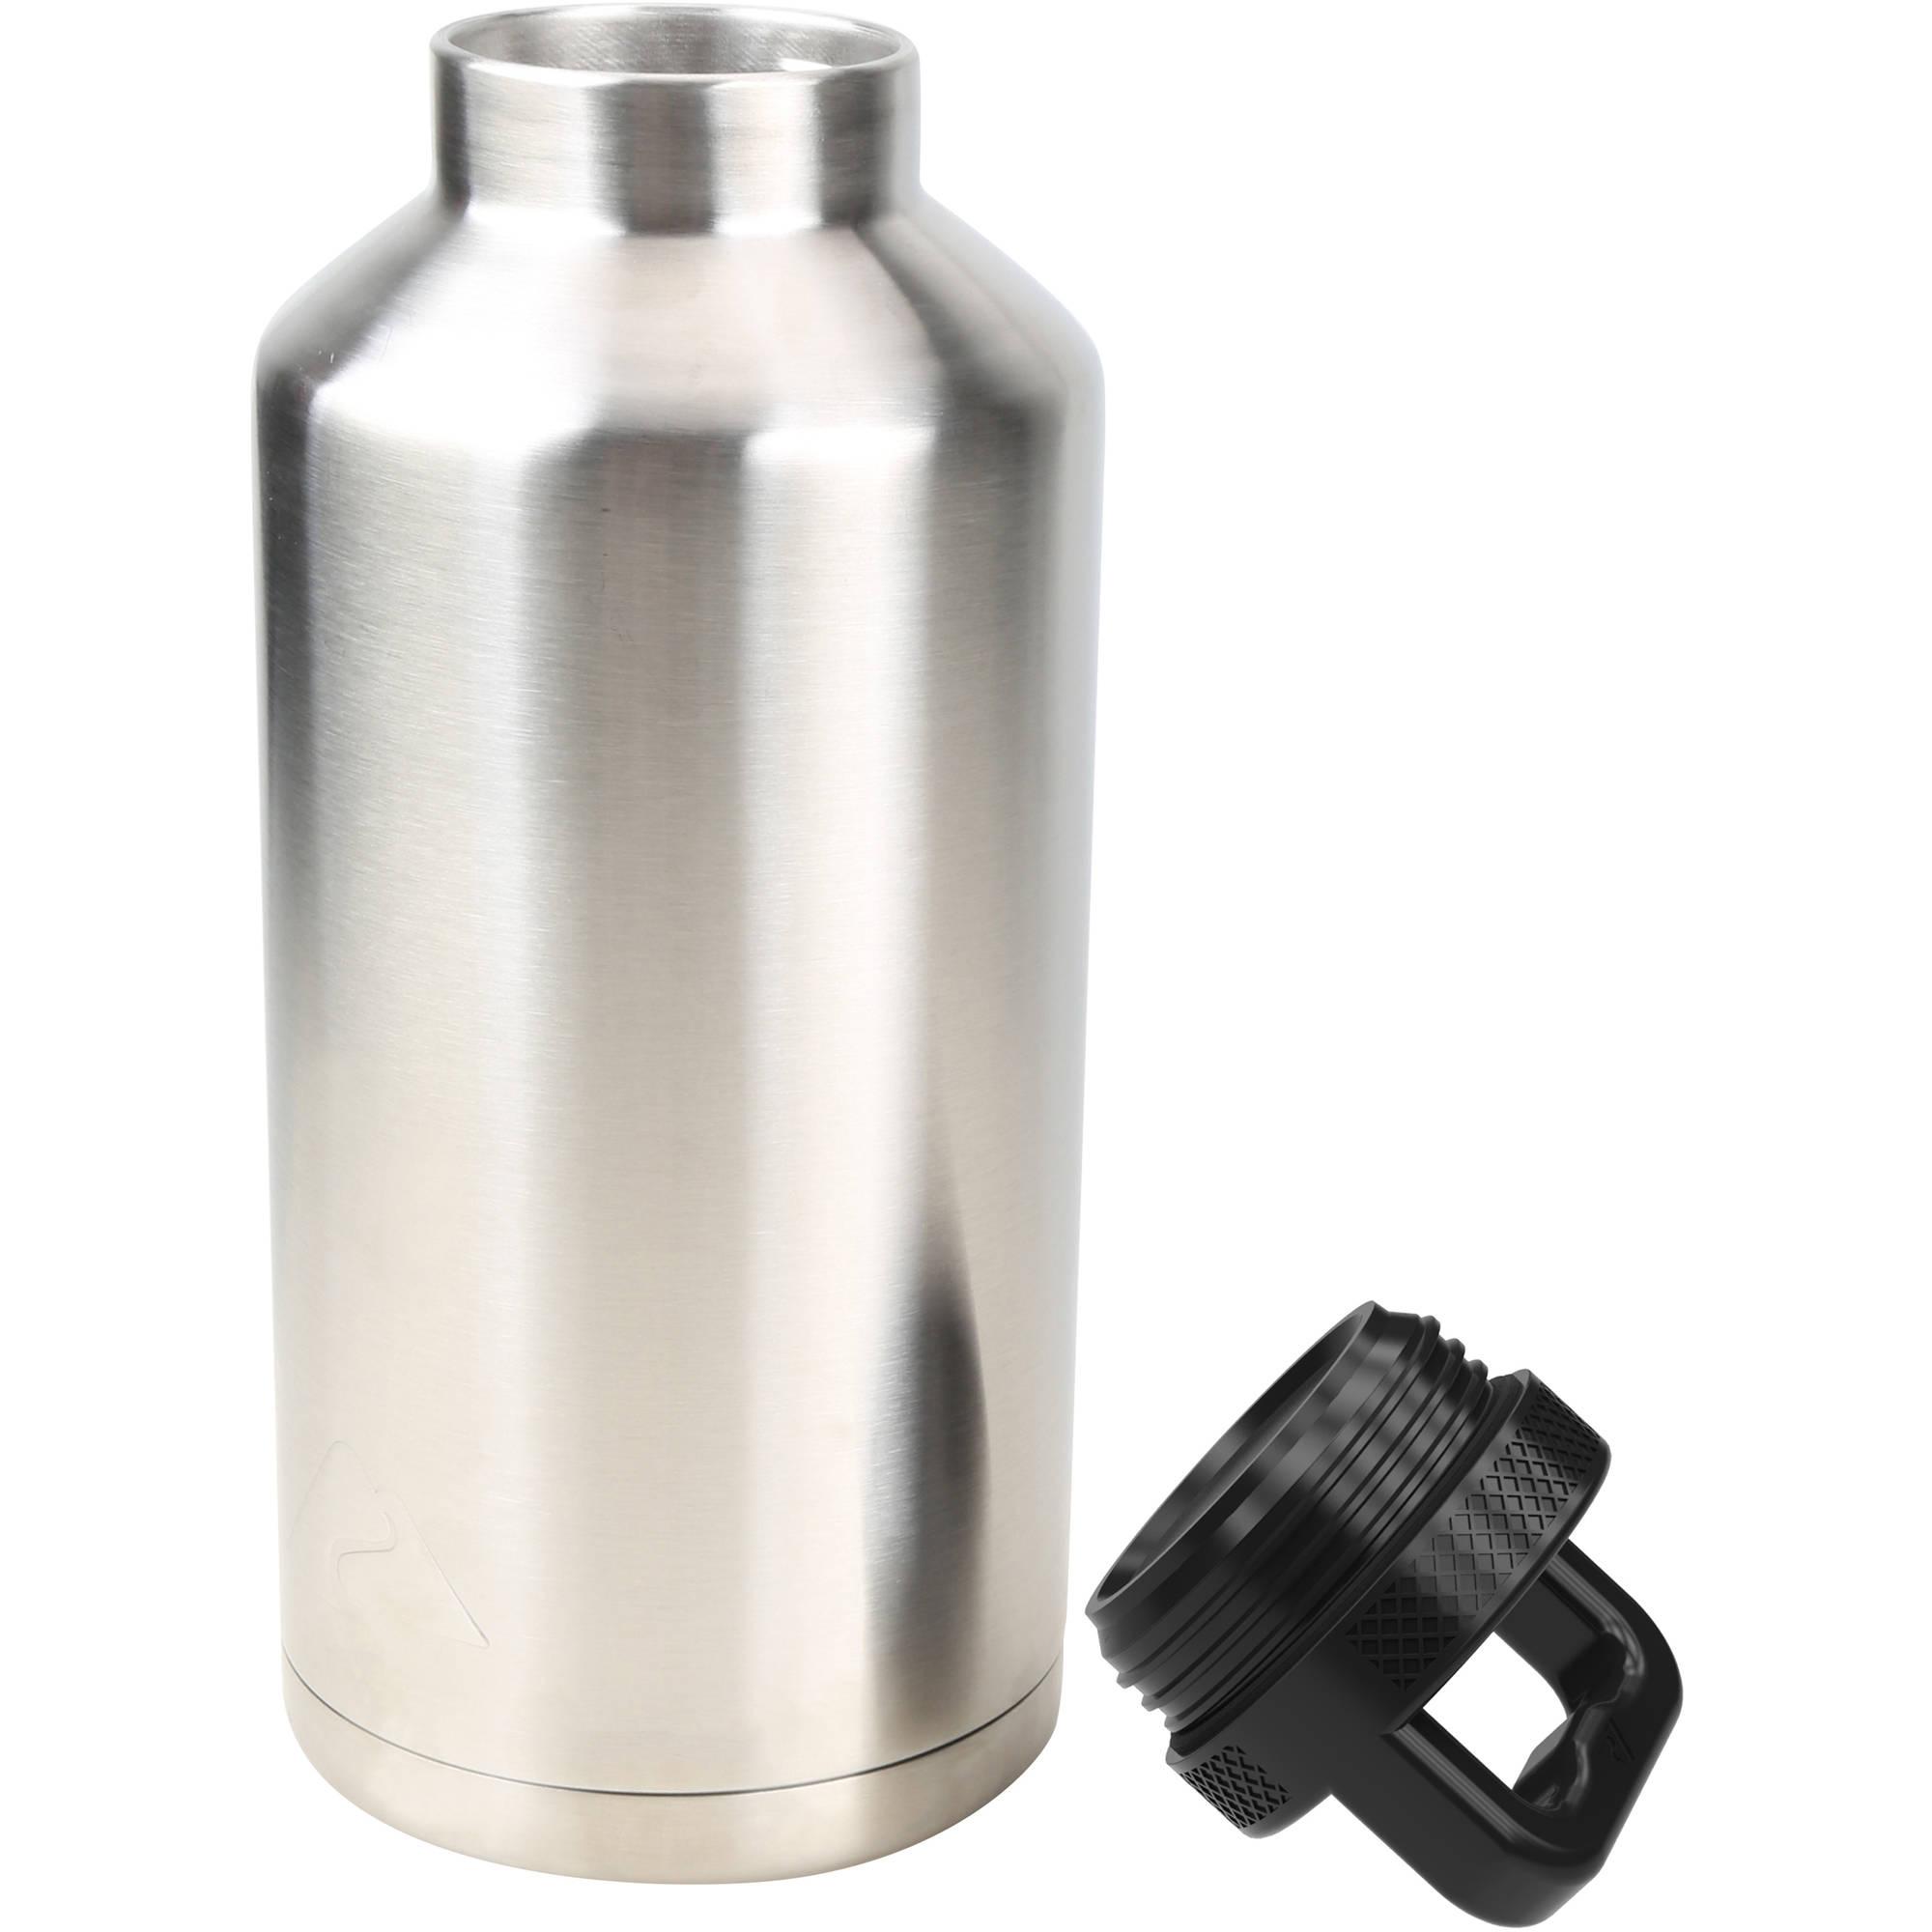 Walmart 64oz Ozark-Trail-Double-Wall-Stainless-Steel-Water-Bottle $11.86